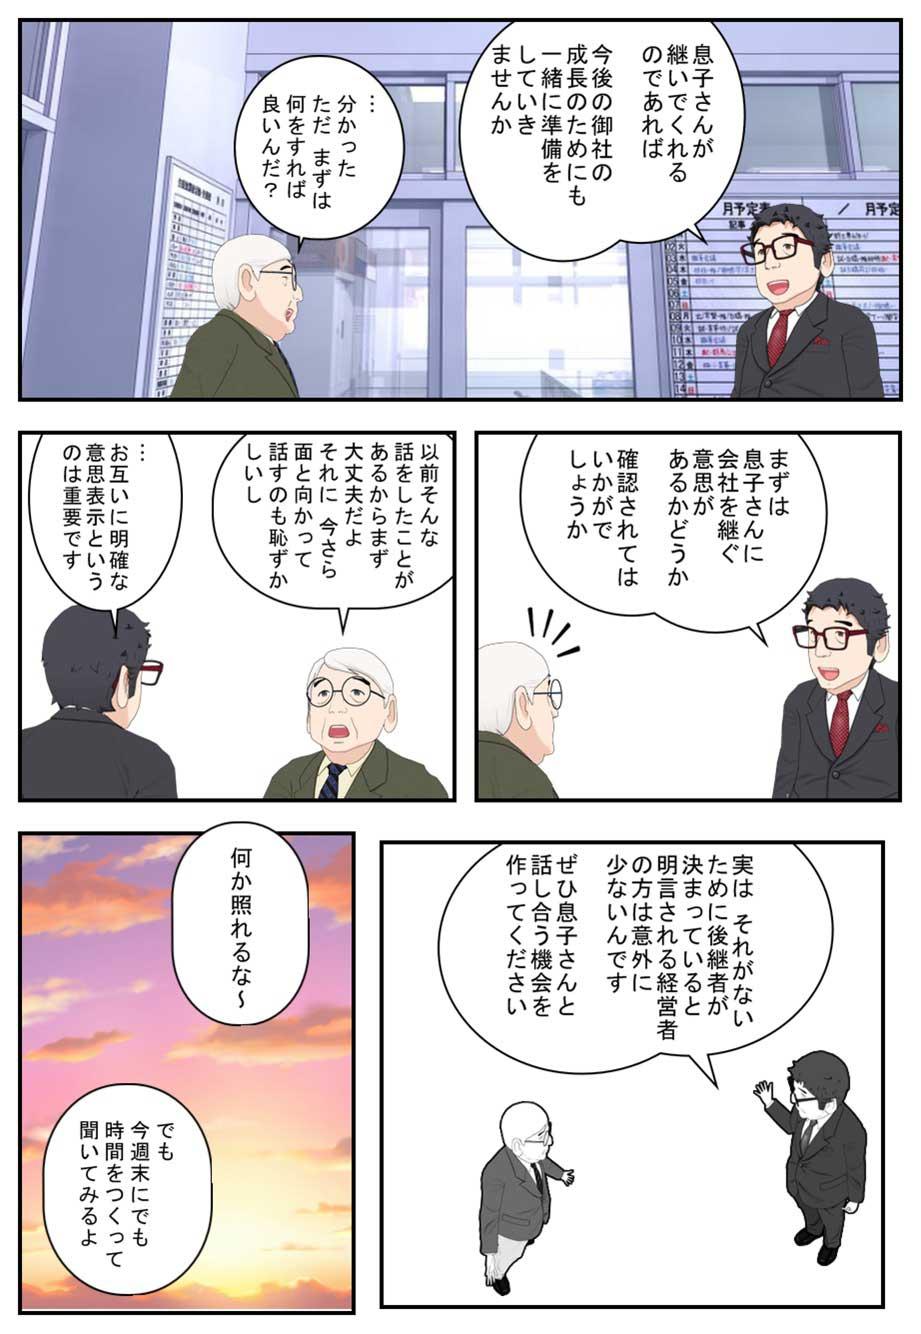 事業承継マンガ6頁